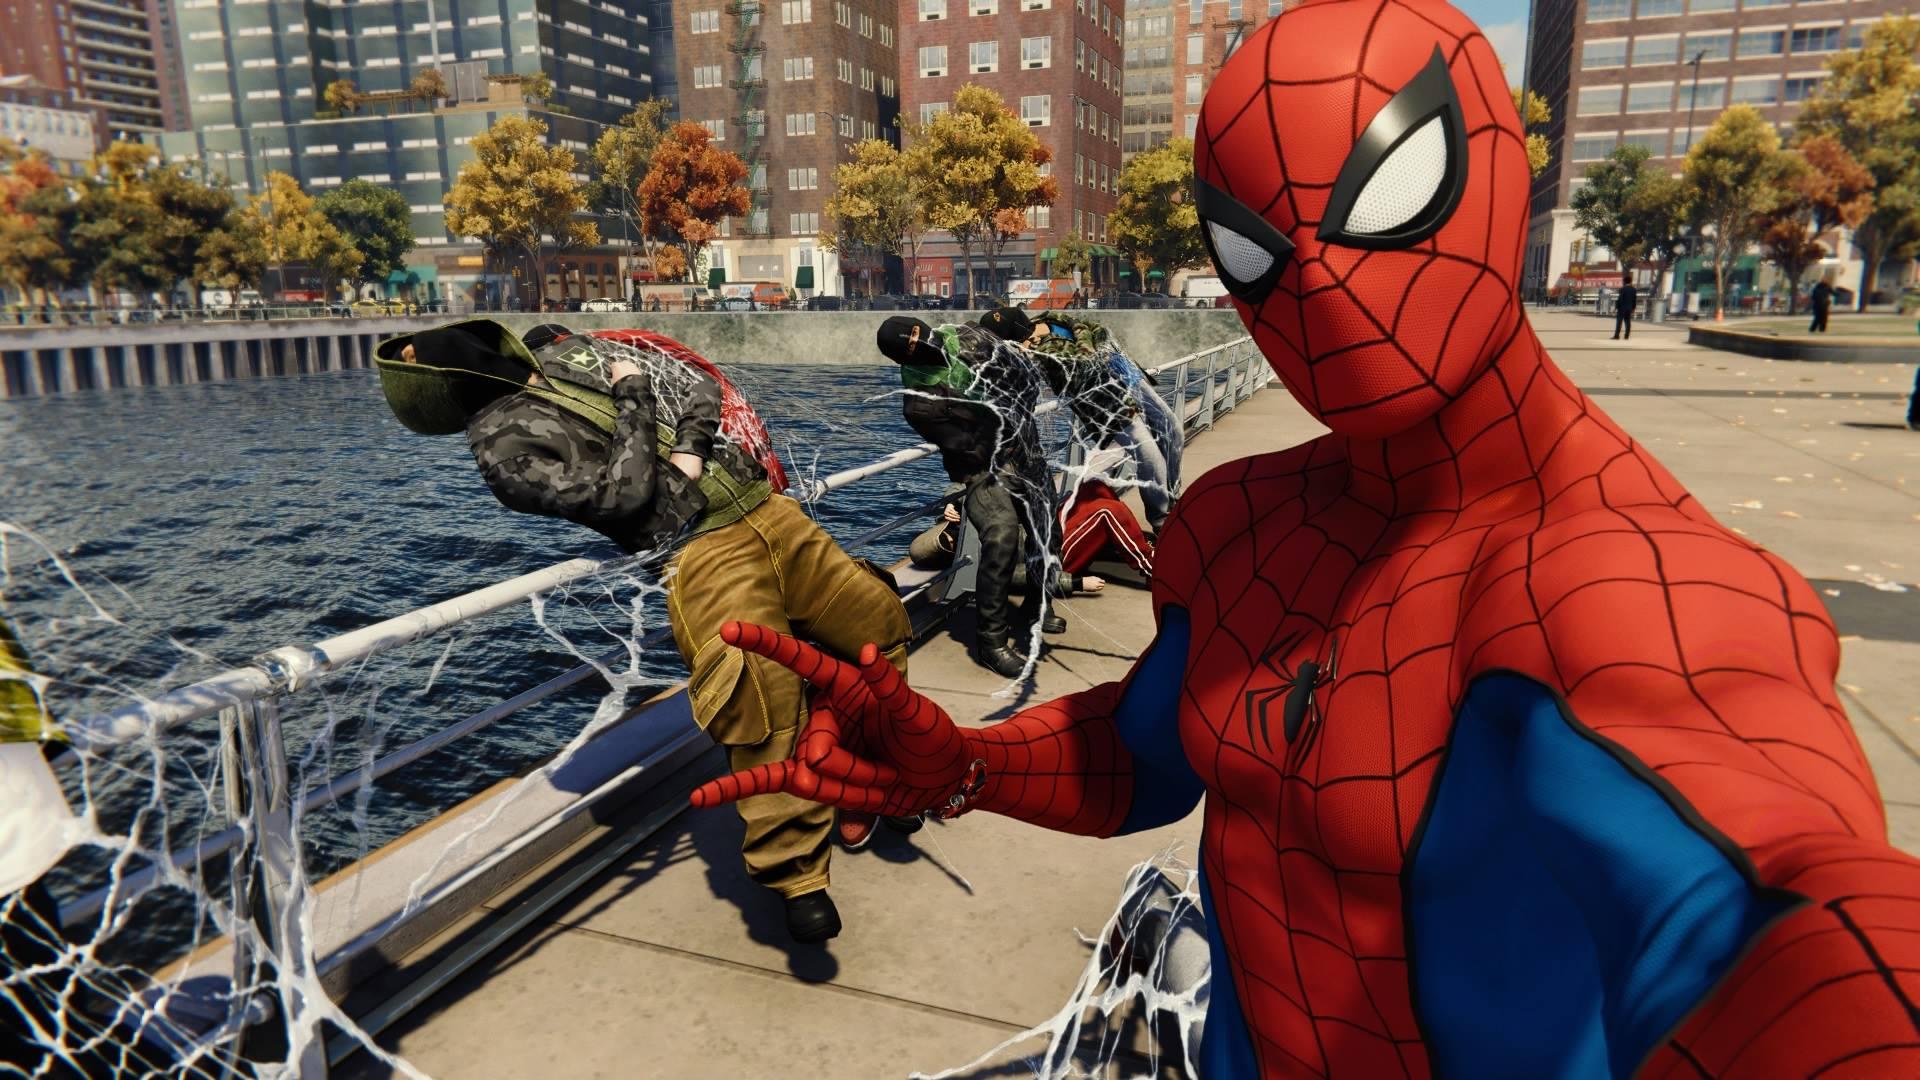 マーベル スパイダーマンの操作は、移動にしろバトルにしろ初心者でも馴染みやすいものとなっているので、誰でもカッコいいスパイダーマンを演じることが出来るのが本